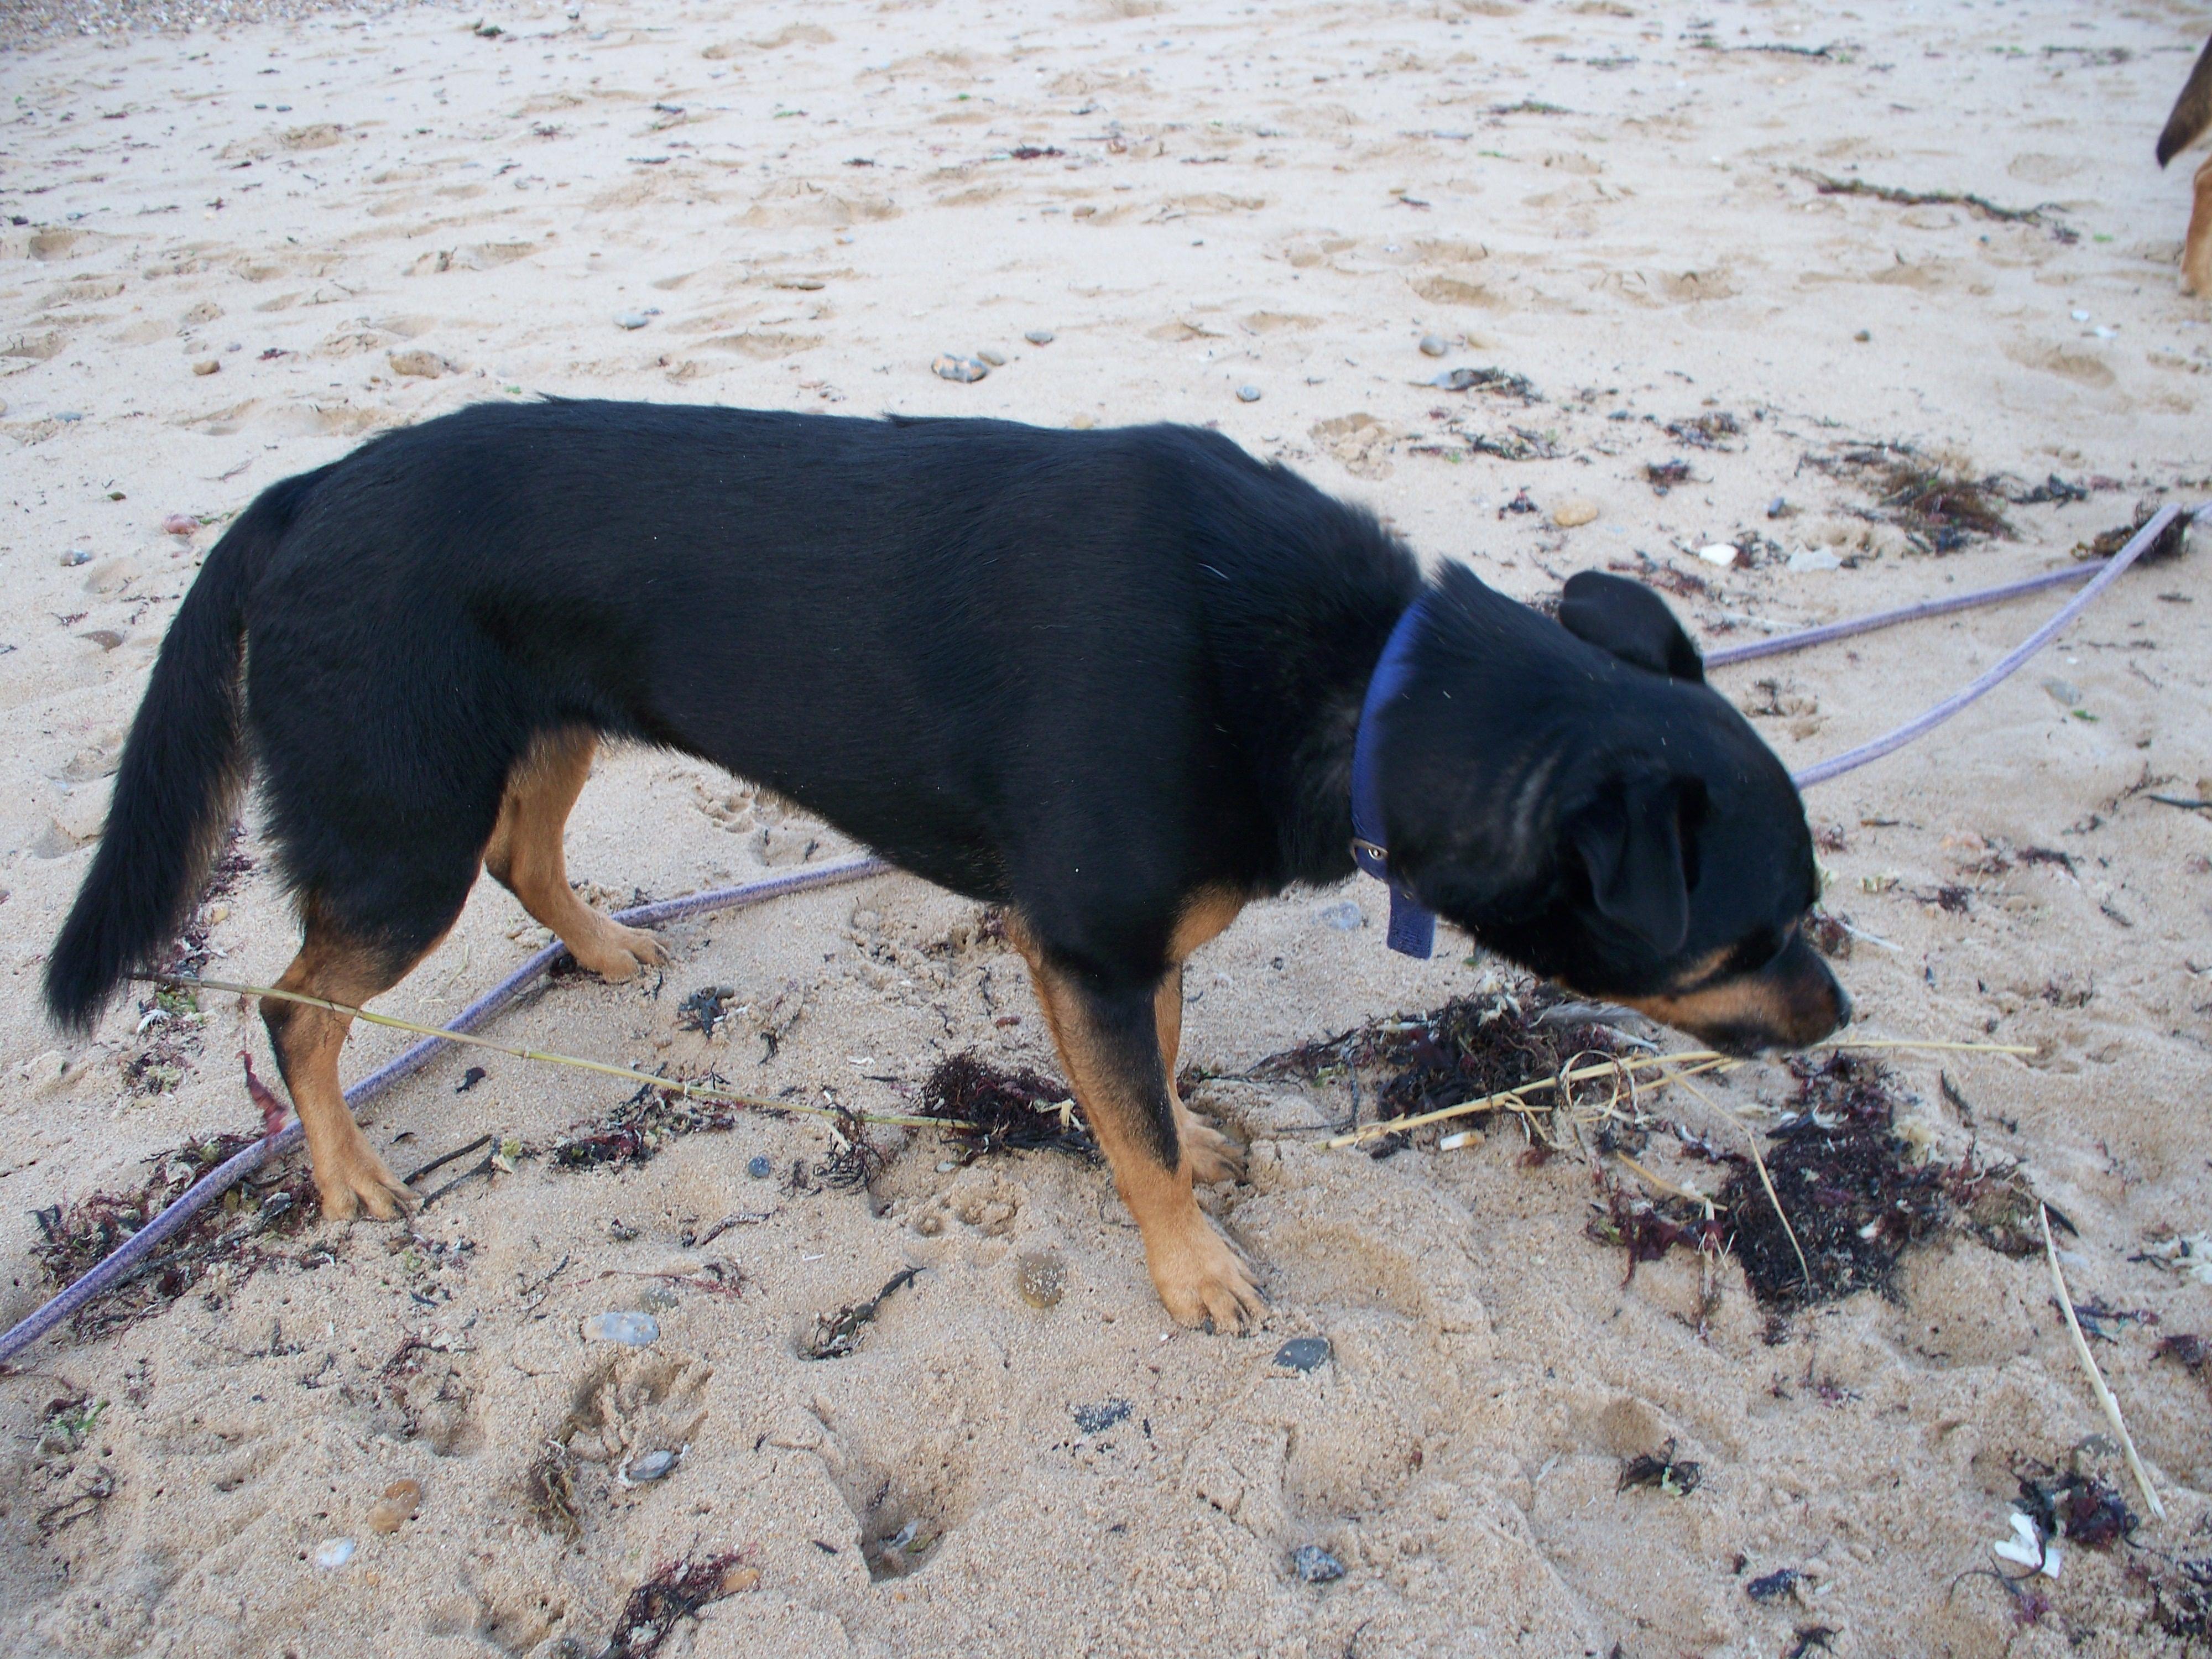 à la découverte de la plage pour Roxy 12080508335415041810180284